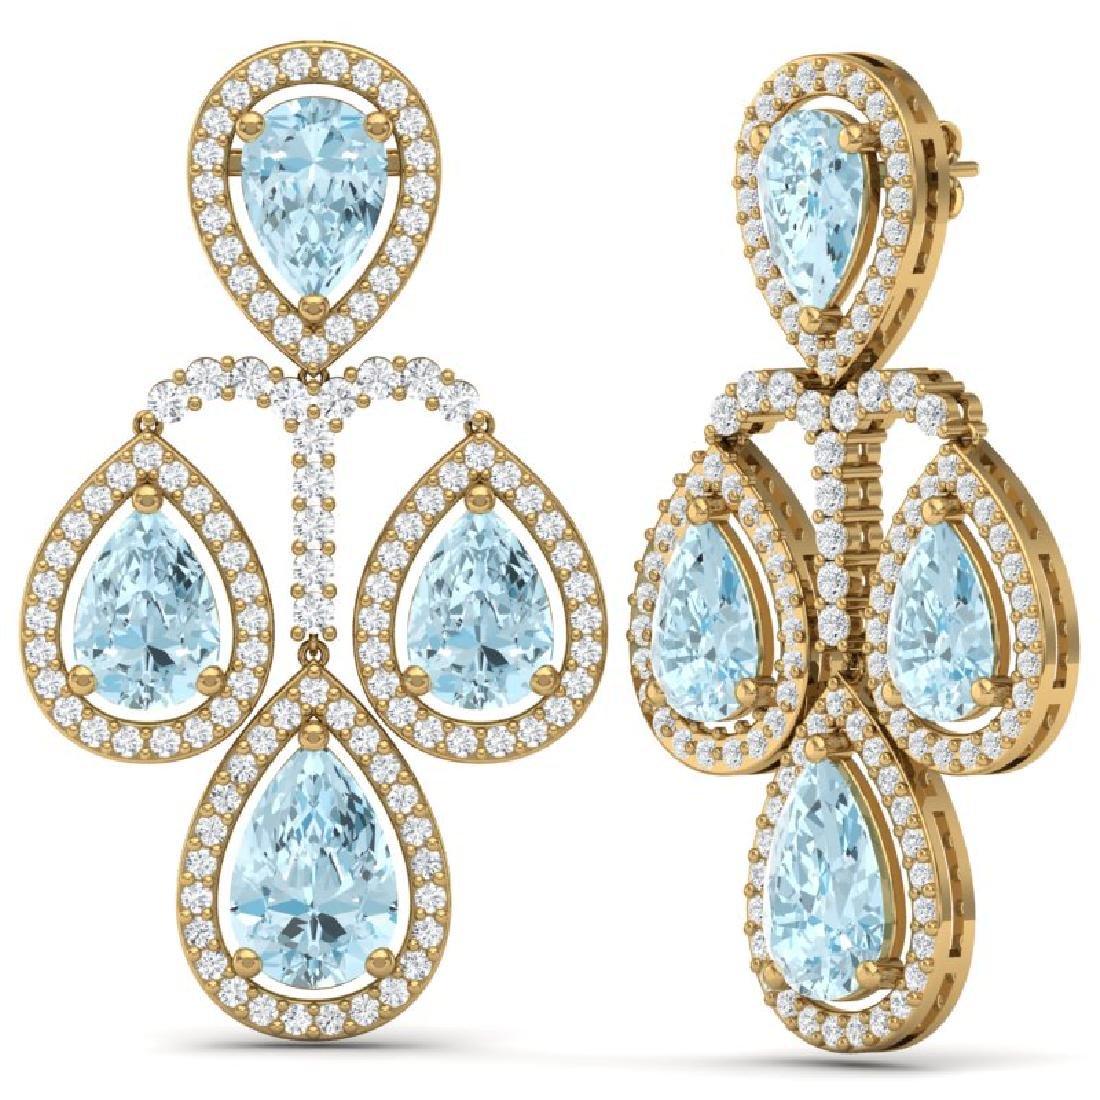 30.54 CTW Royalty Sky Topaz & VS Diamond Earrings 18K